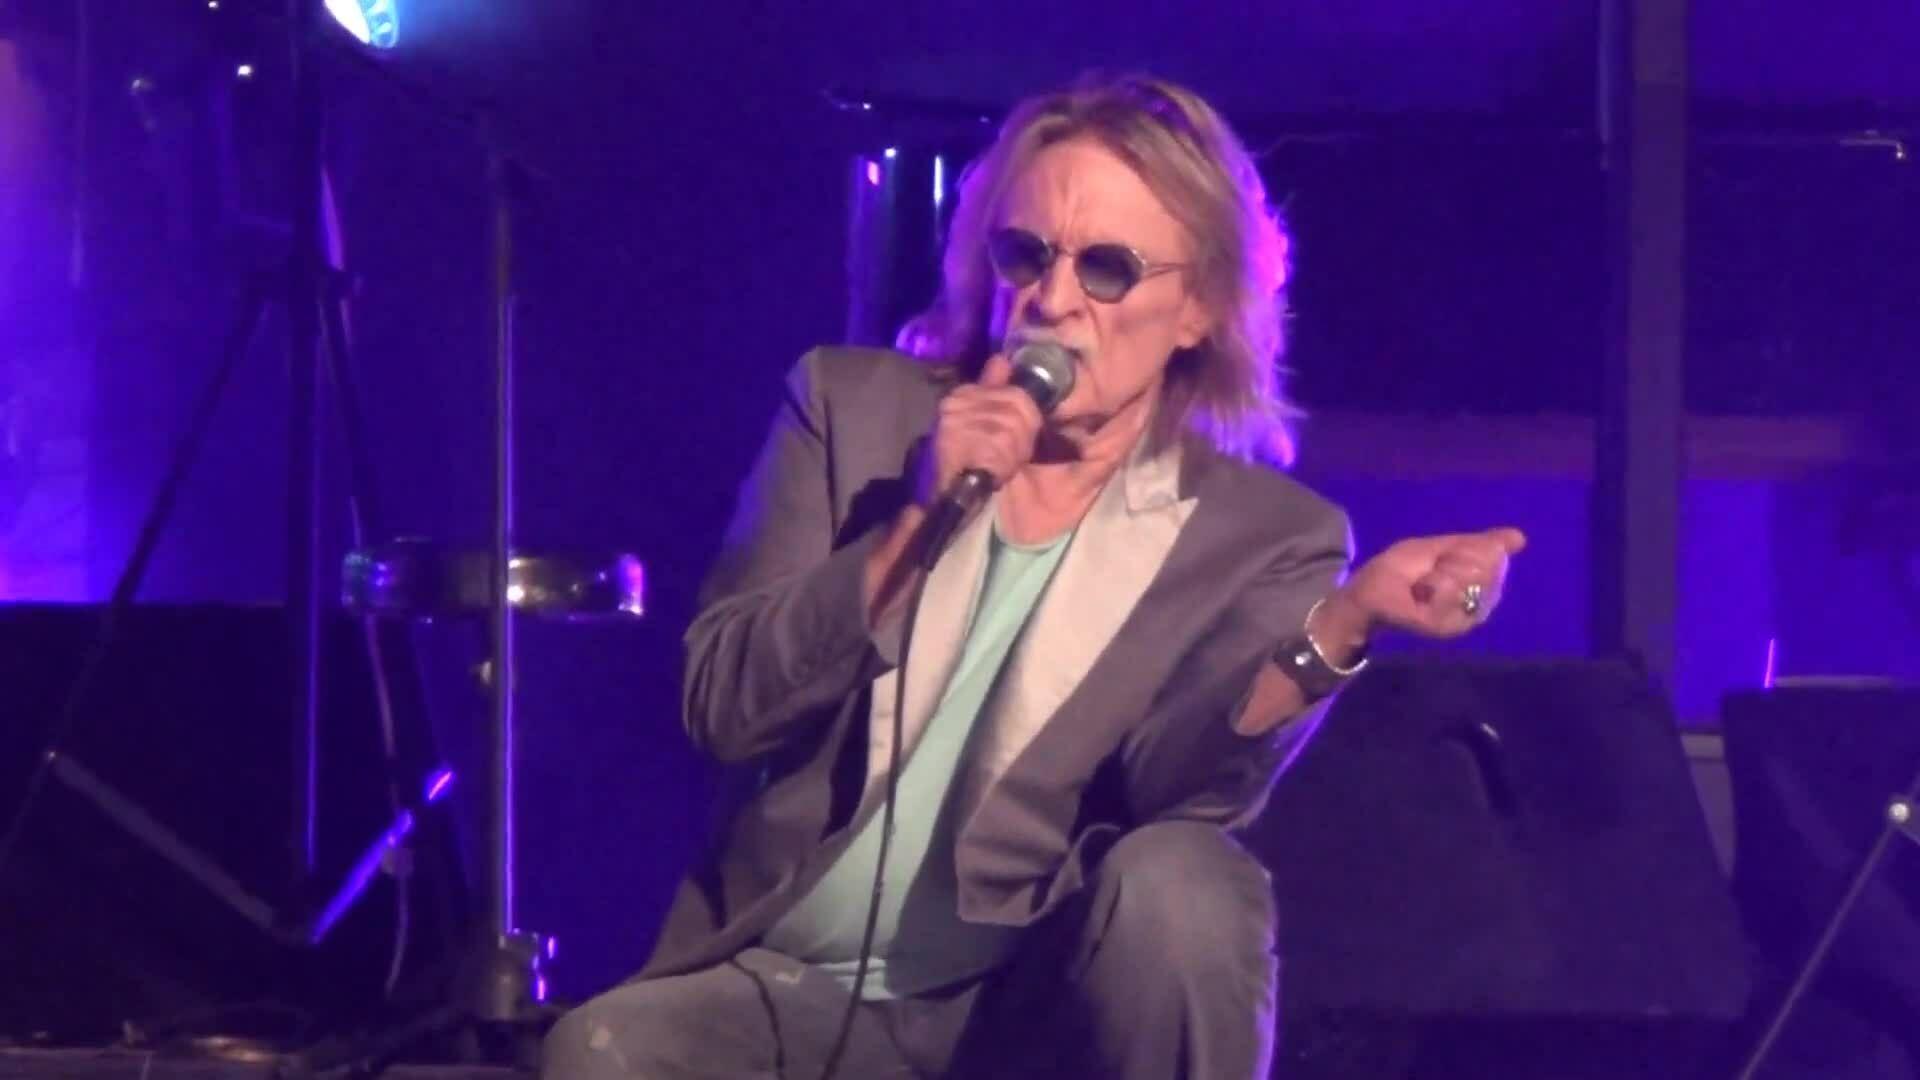 Christophe biểu diễn tại TP HCM